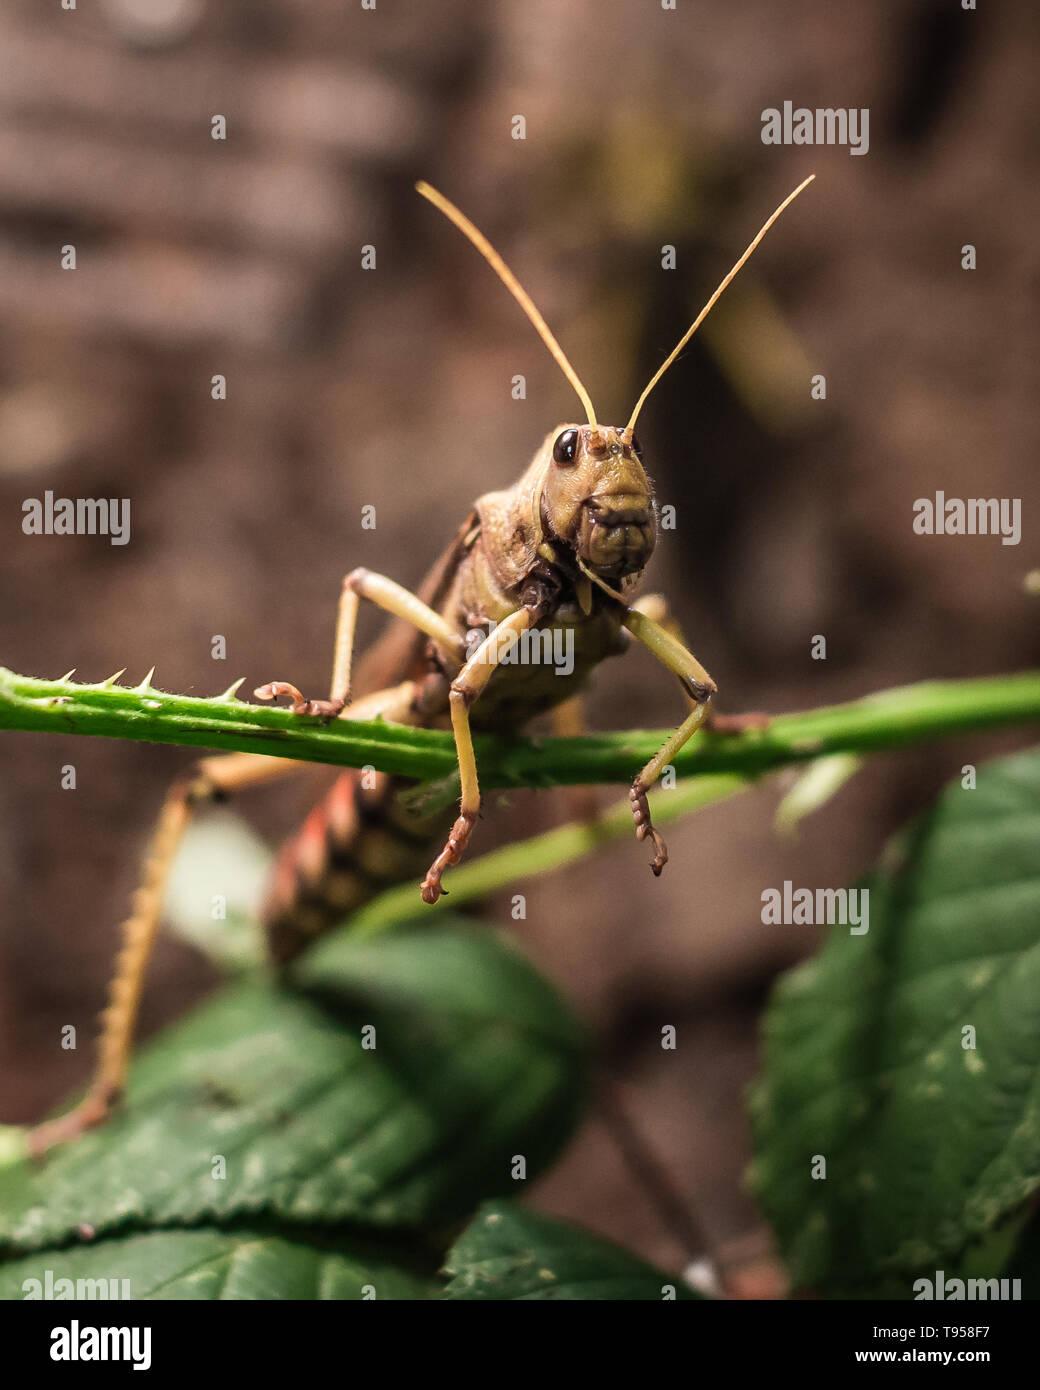 Locust portrait - Stock Image